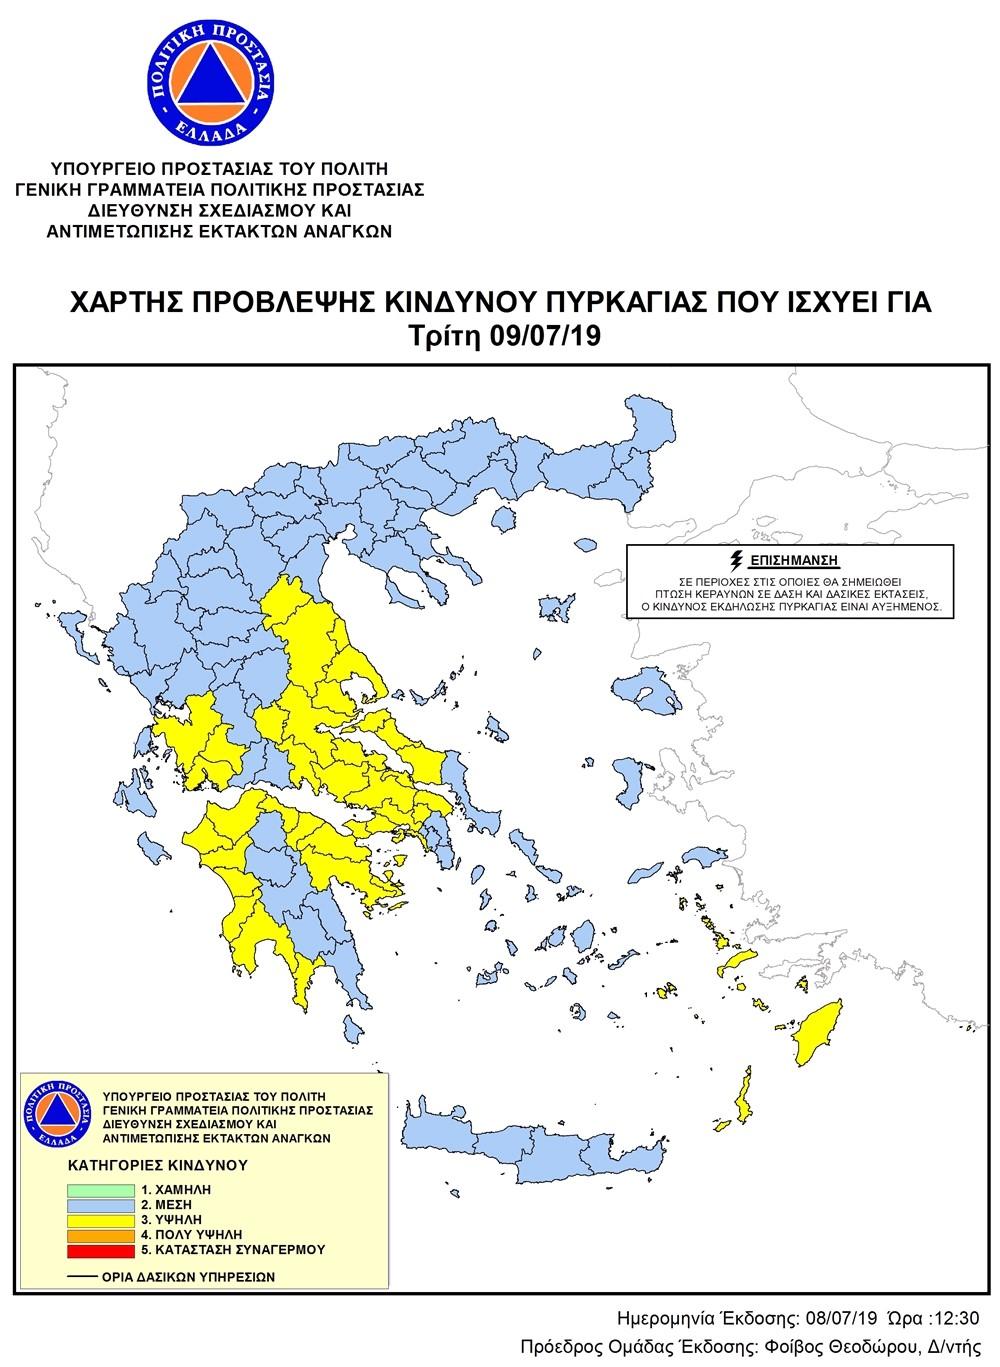 ΠΔΕ: Yψηλός ο κίνδυνος πυρκαγιάς την Τρίτη 9 Ιουλίου σε όλη τη Δυτική Ελλάδα – Τι πρέπει να προσέχουν οι πολίτες